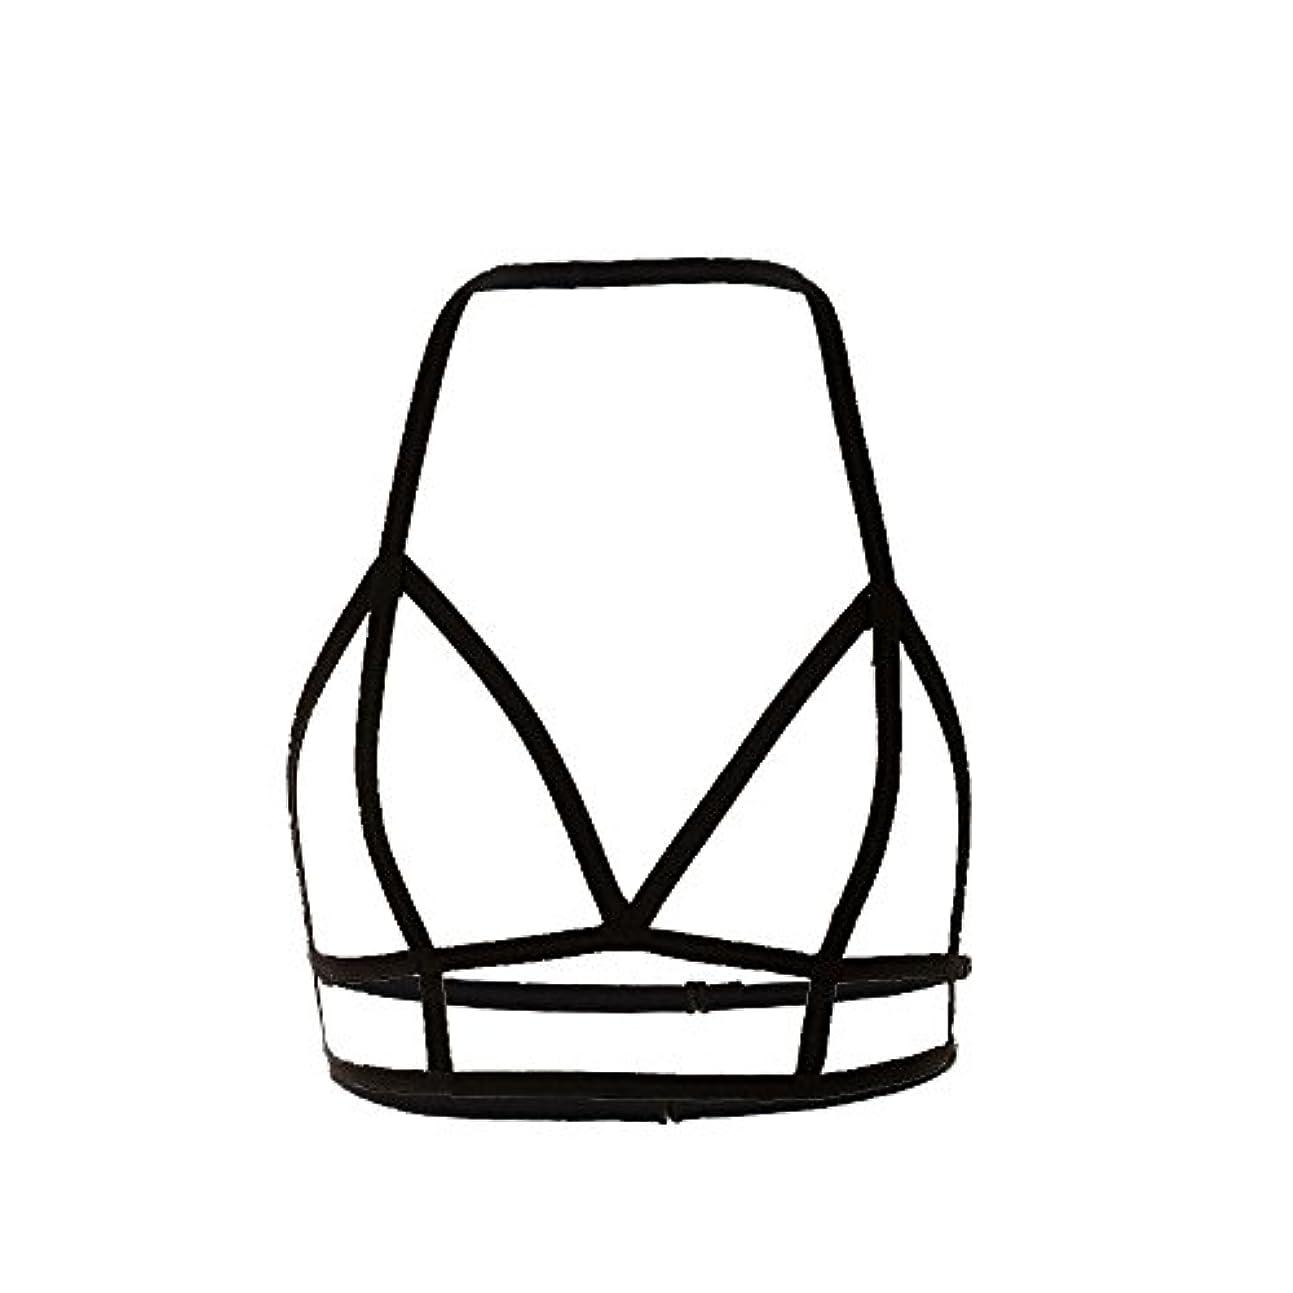 みなすスリチンモイ原始的な包帯ブラランジェリーセクシー ベビードール ネグリジェ ナイトウェア Tバック付 誘惑 下着 透ける 過激 シースルー ハーフスリップ インナーウェア パジャマ 背中を可愛らしく 無地 寝間着 部屋着 プレゼント